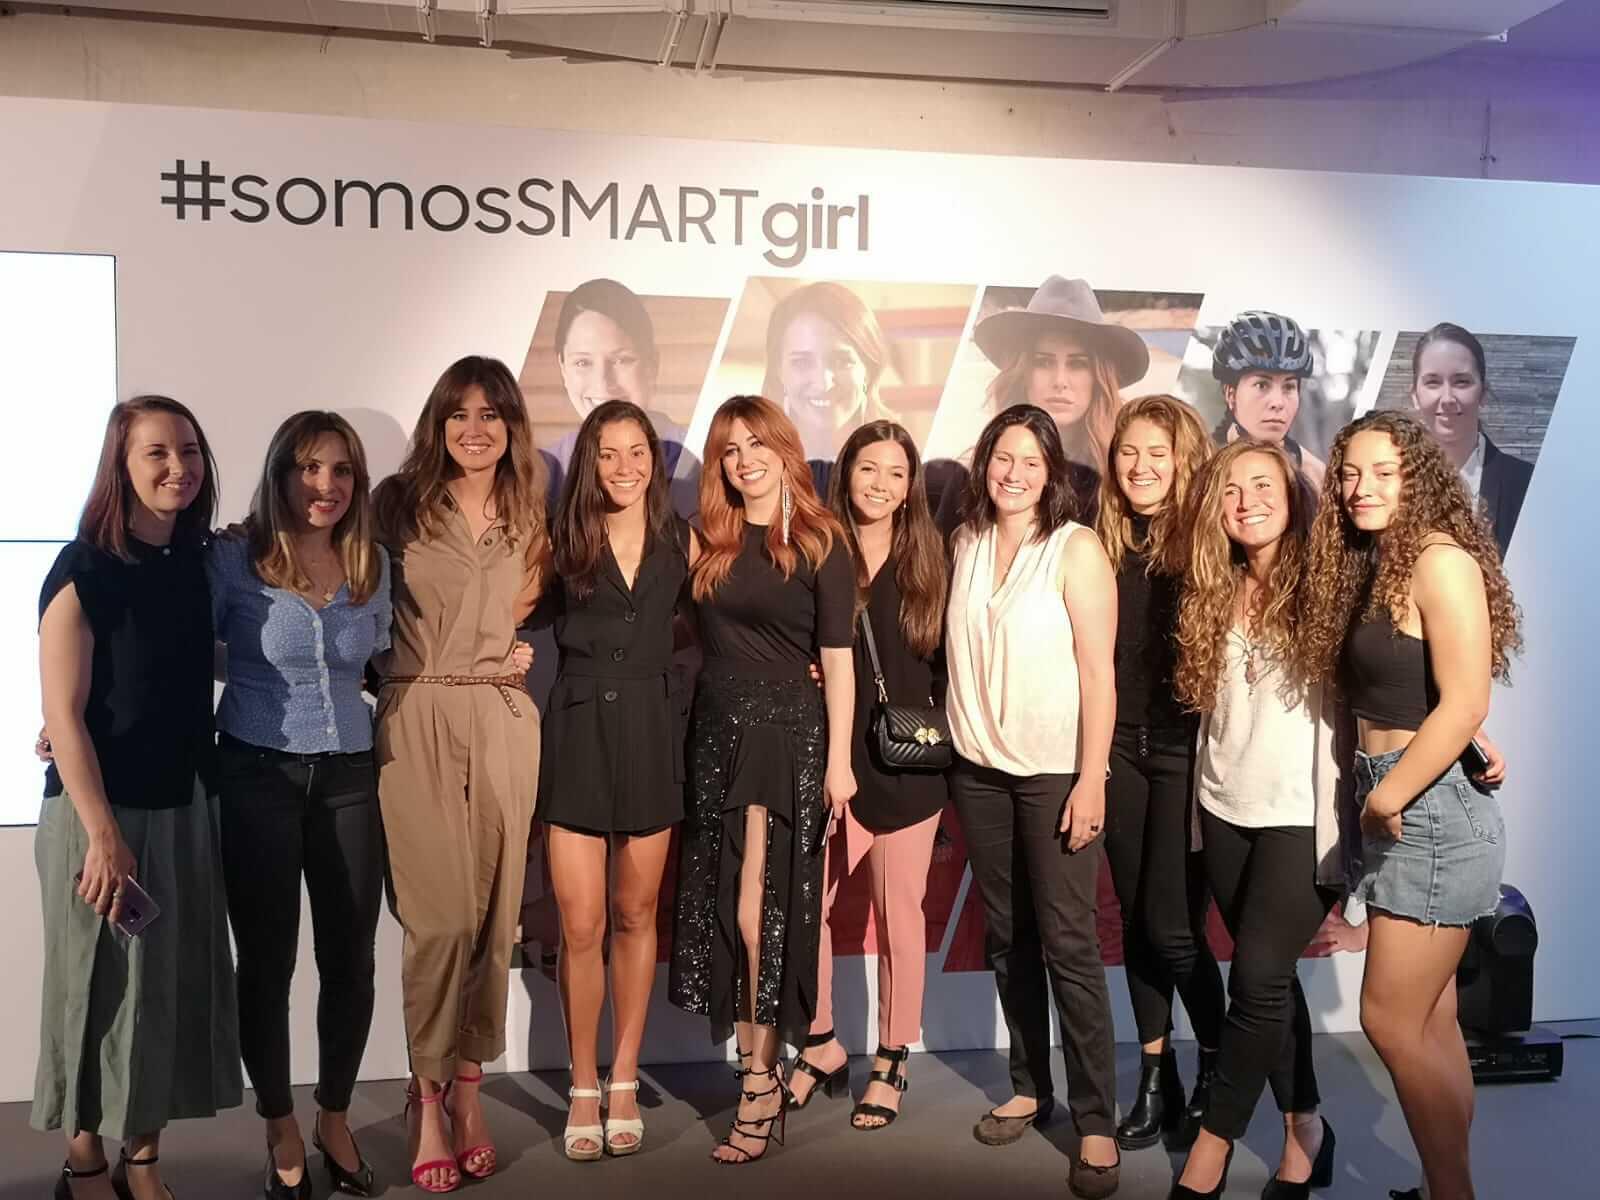 samsung smart girl embajadoras tecnologia y mujer